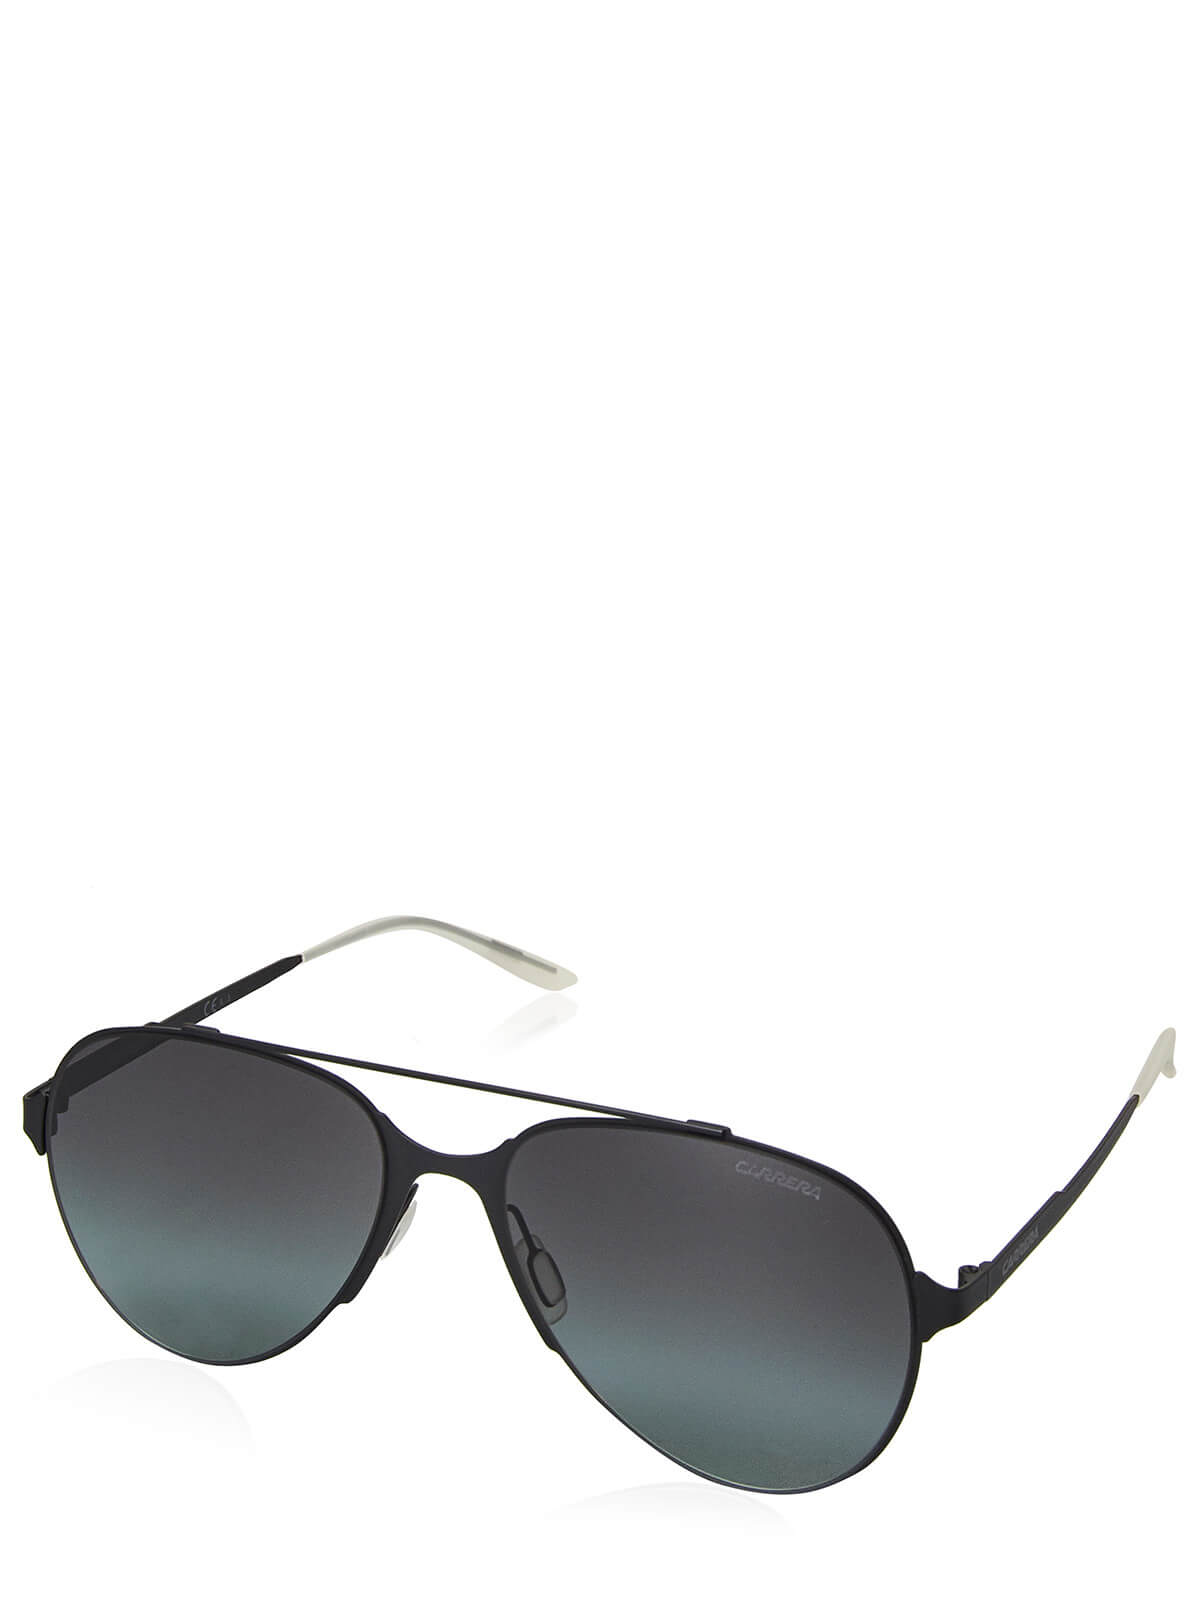 c69f36c163c88 Sunglasses Carrera 113 S